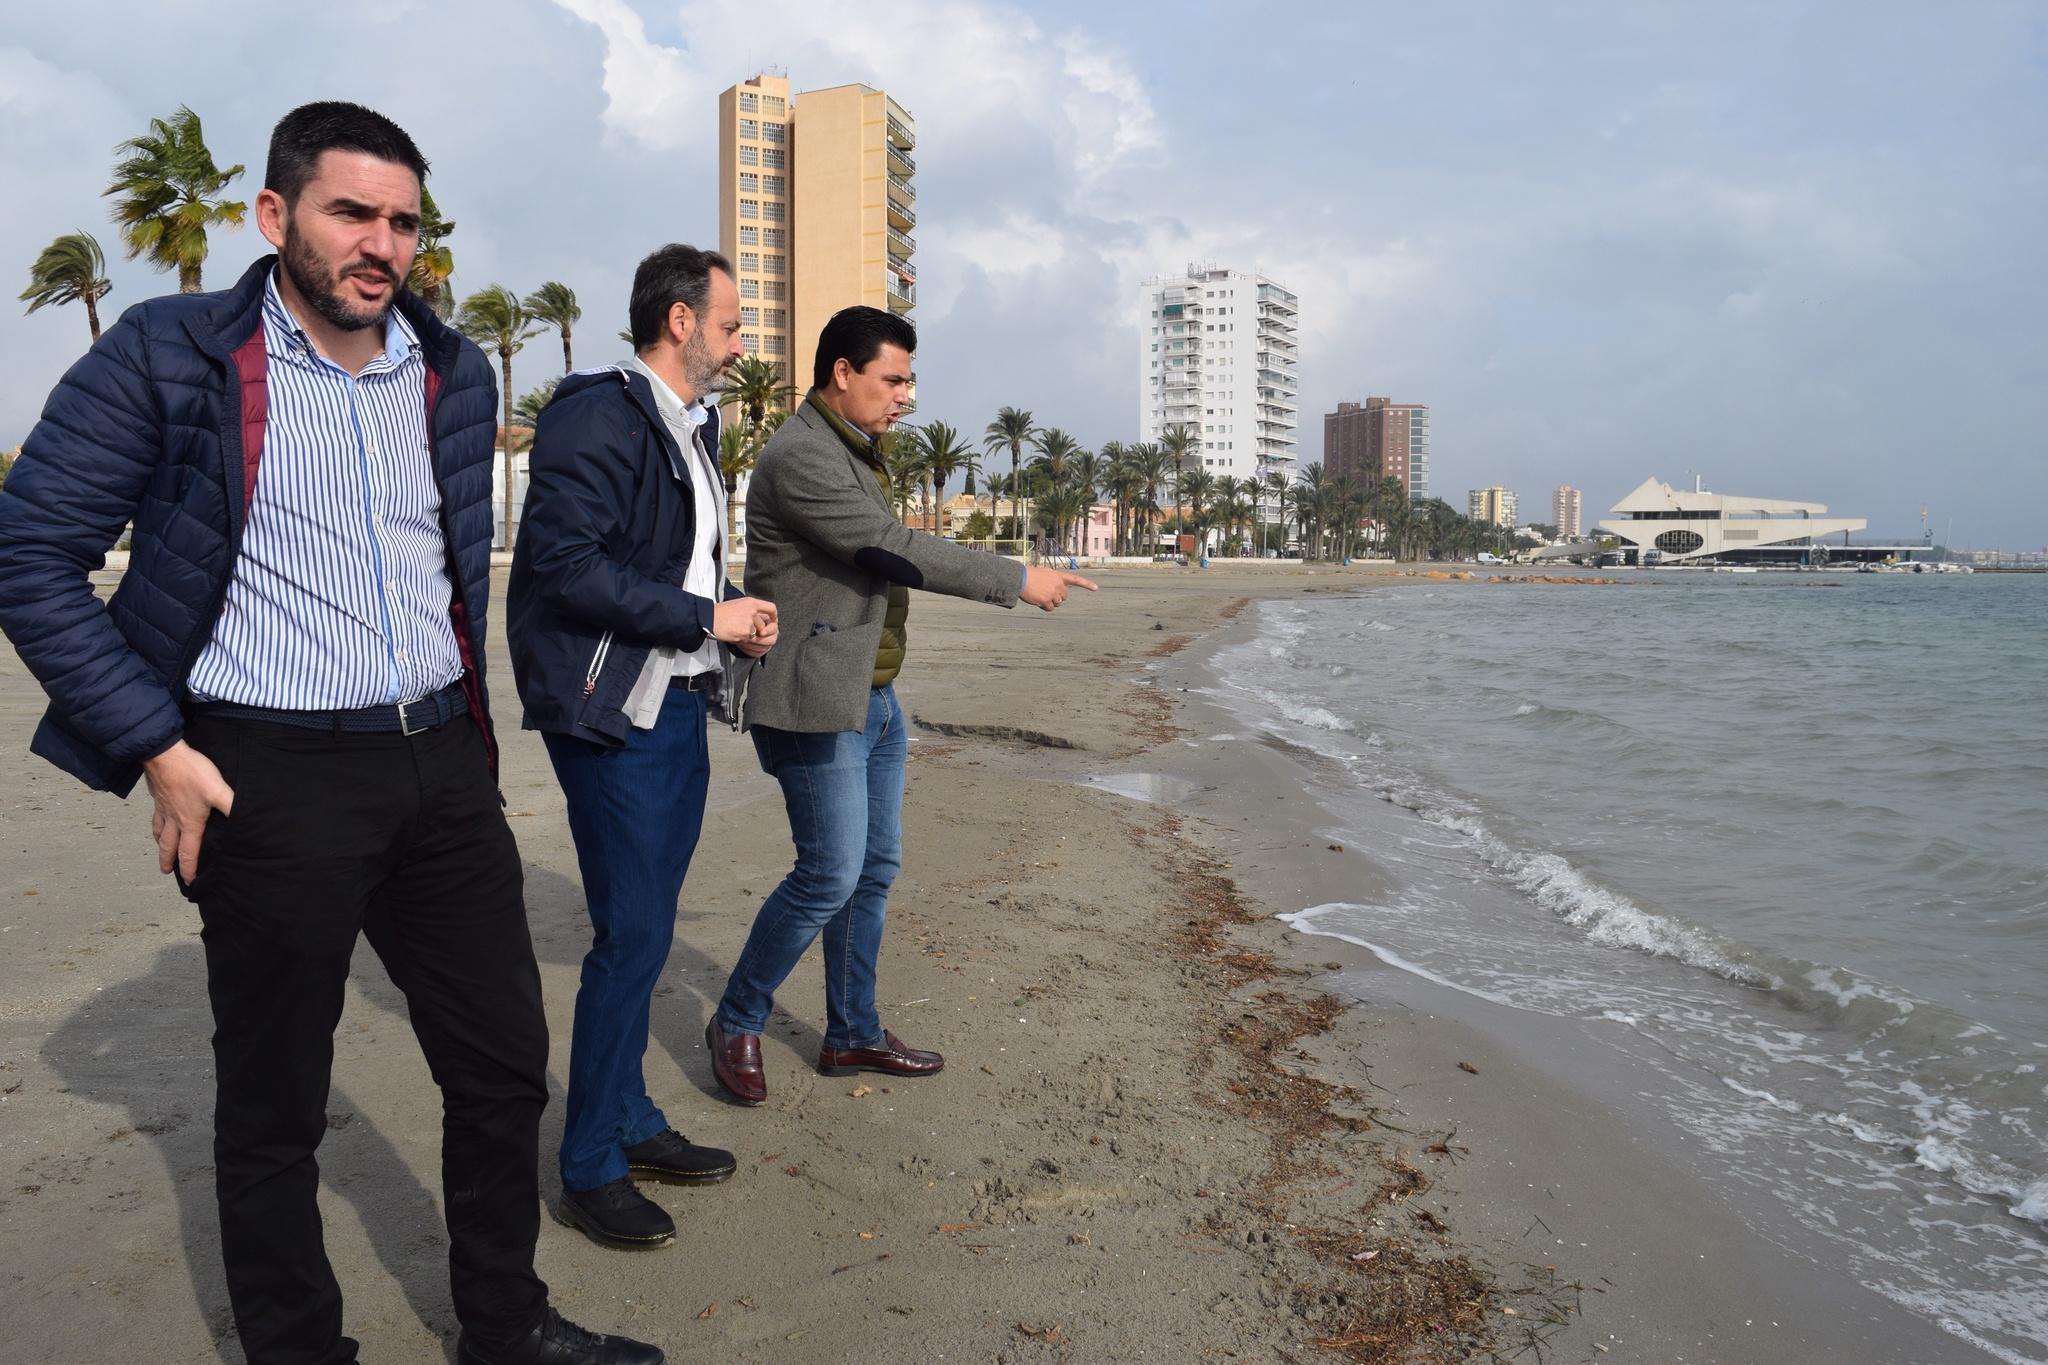 El consejero de Empleo, Universidades, Empresa y Medio Ambiente, Javier Celdrán, visita las playas de San Javier afectadas por el episodio de fuertes lluvias de las últimas horas acompañado del alcalde de la localidad, José Miguel Luengo. Imagen: CARM